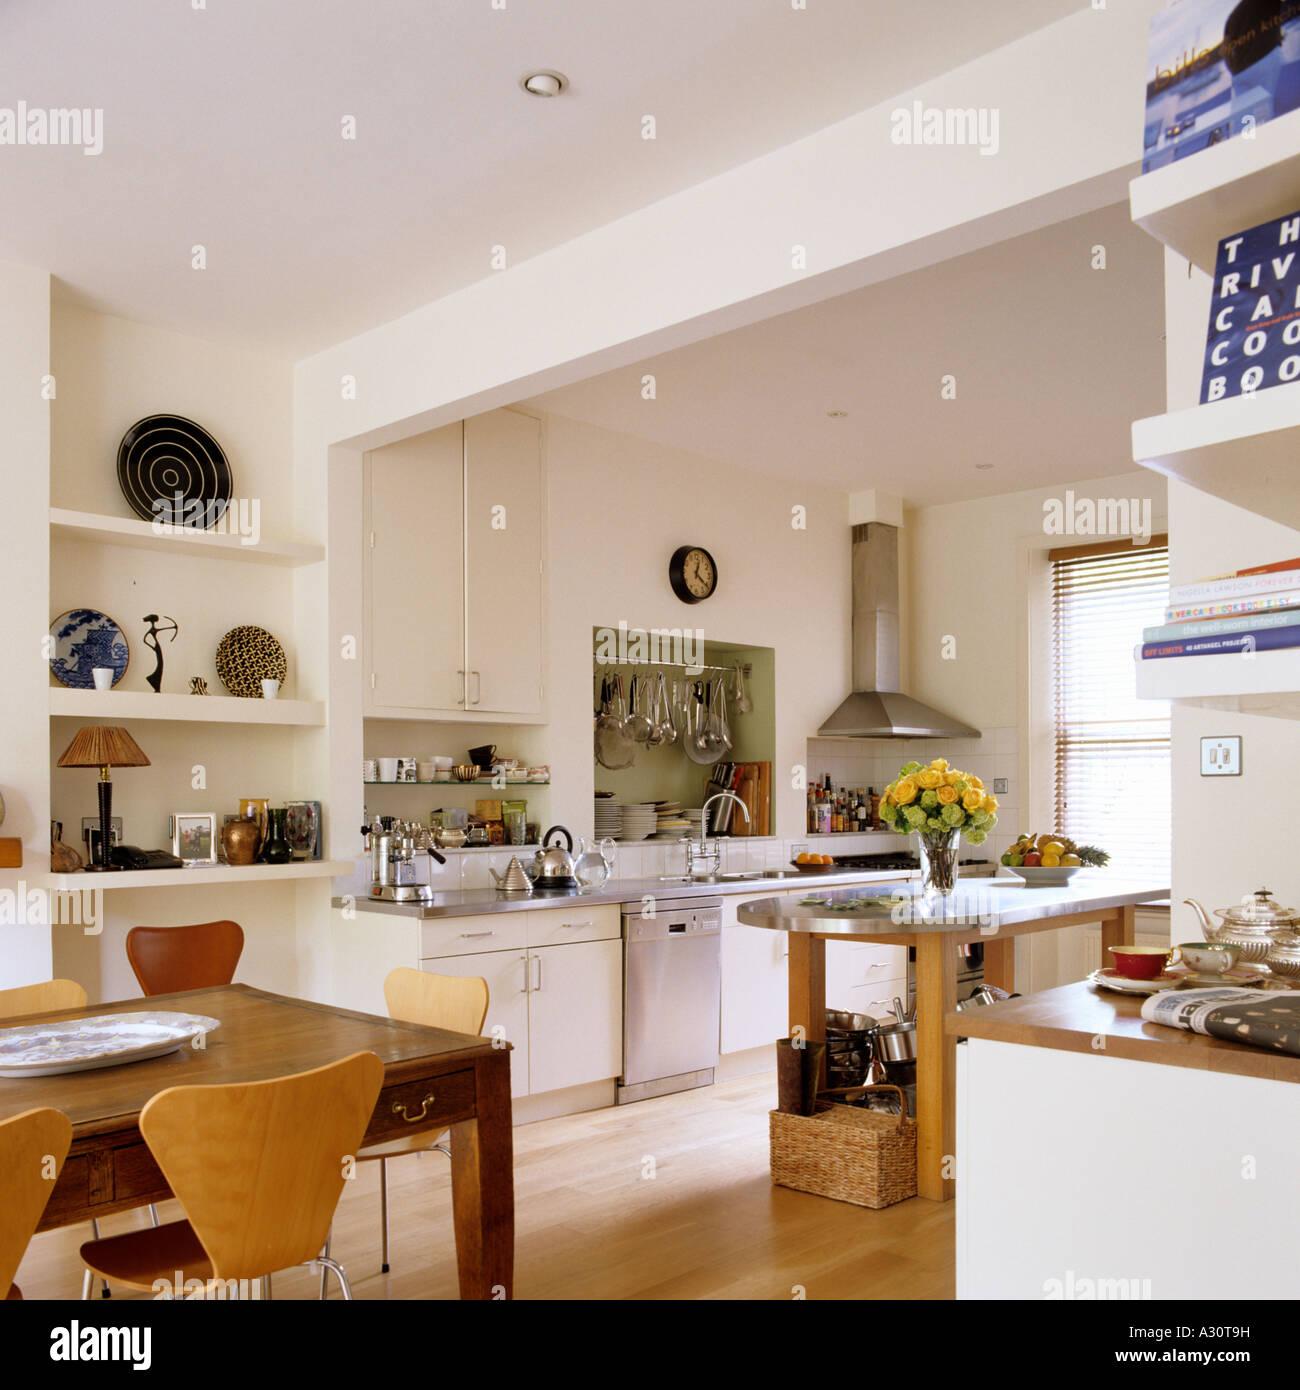 Contemporary Shelving Stockfotos & Contemporary Shelving Bilder - Alamy